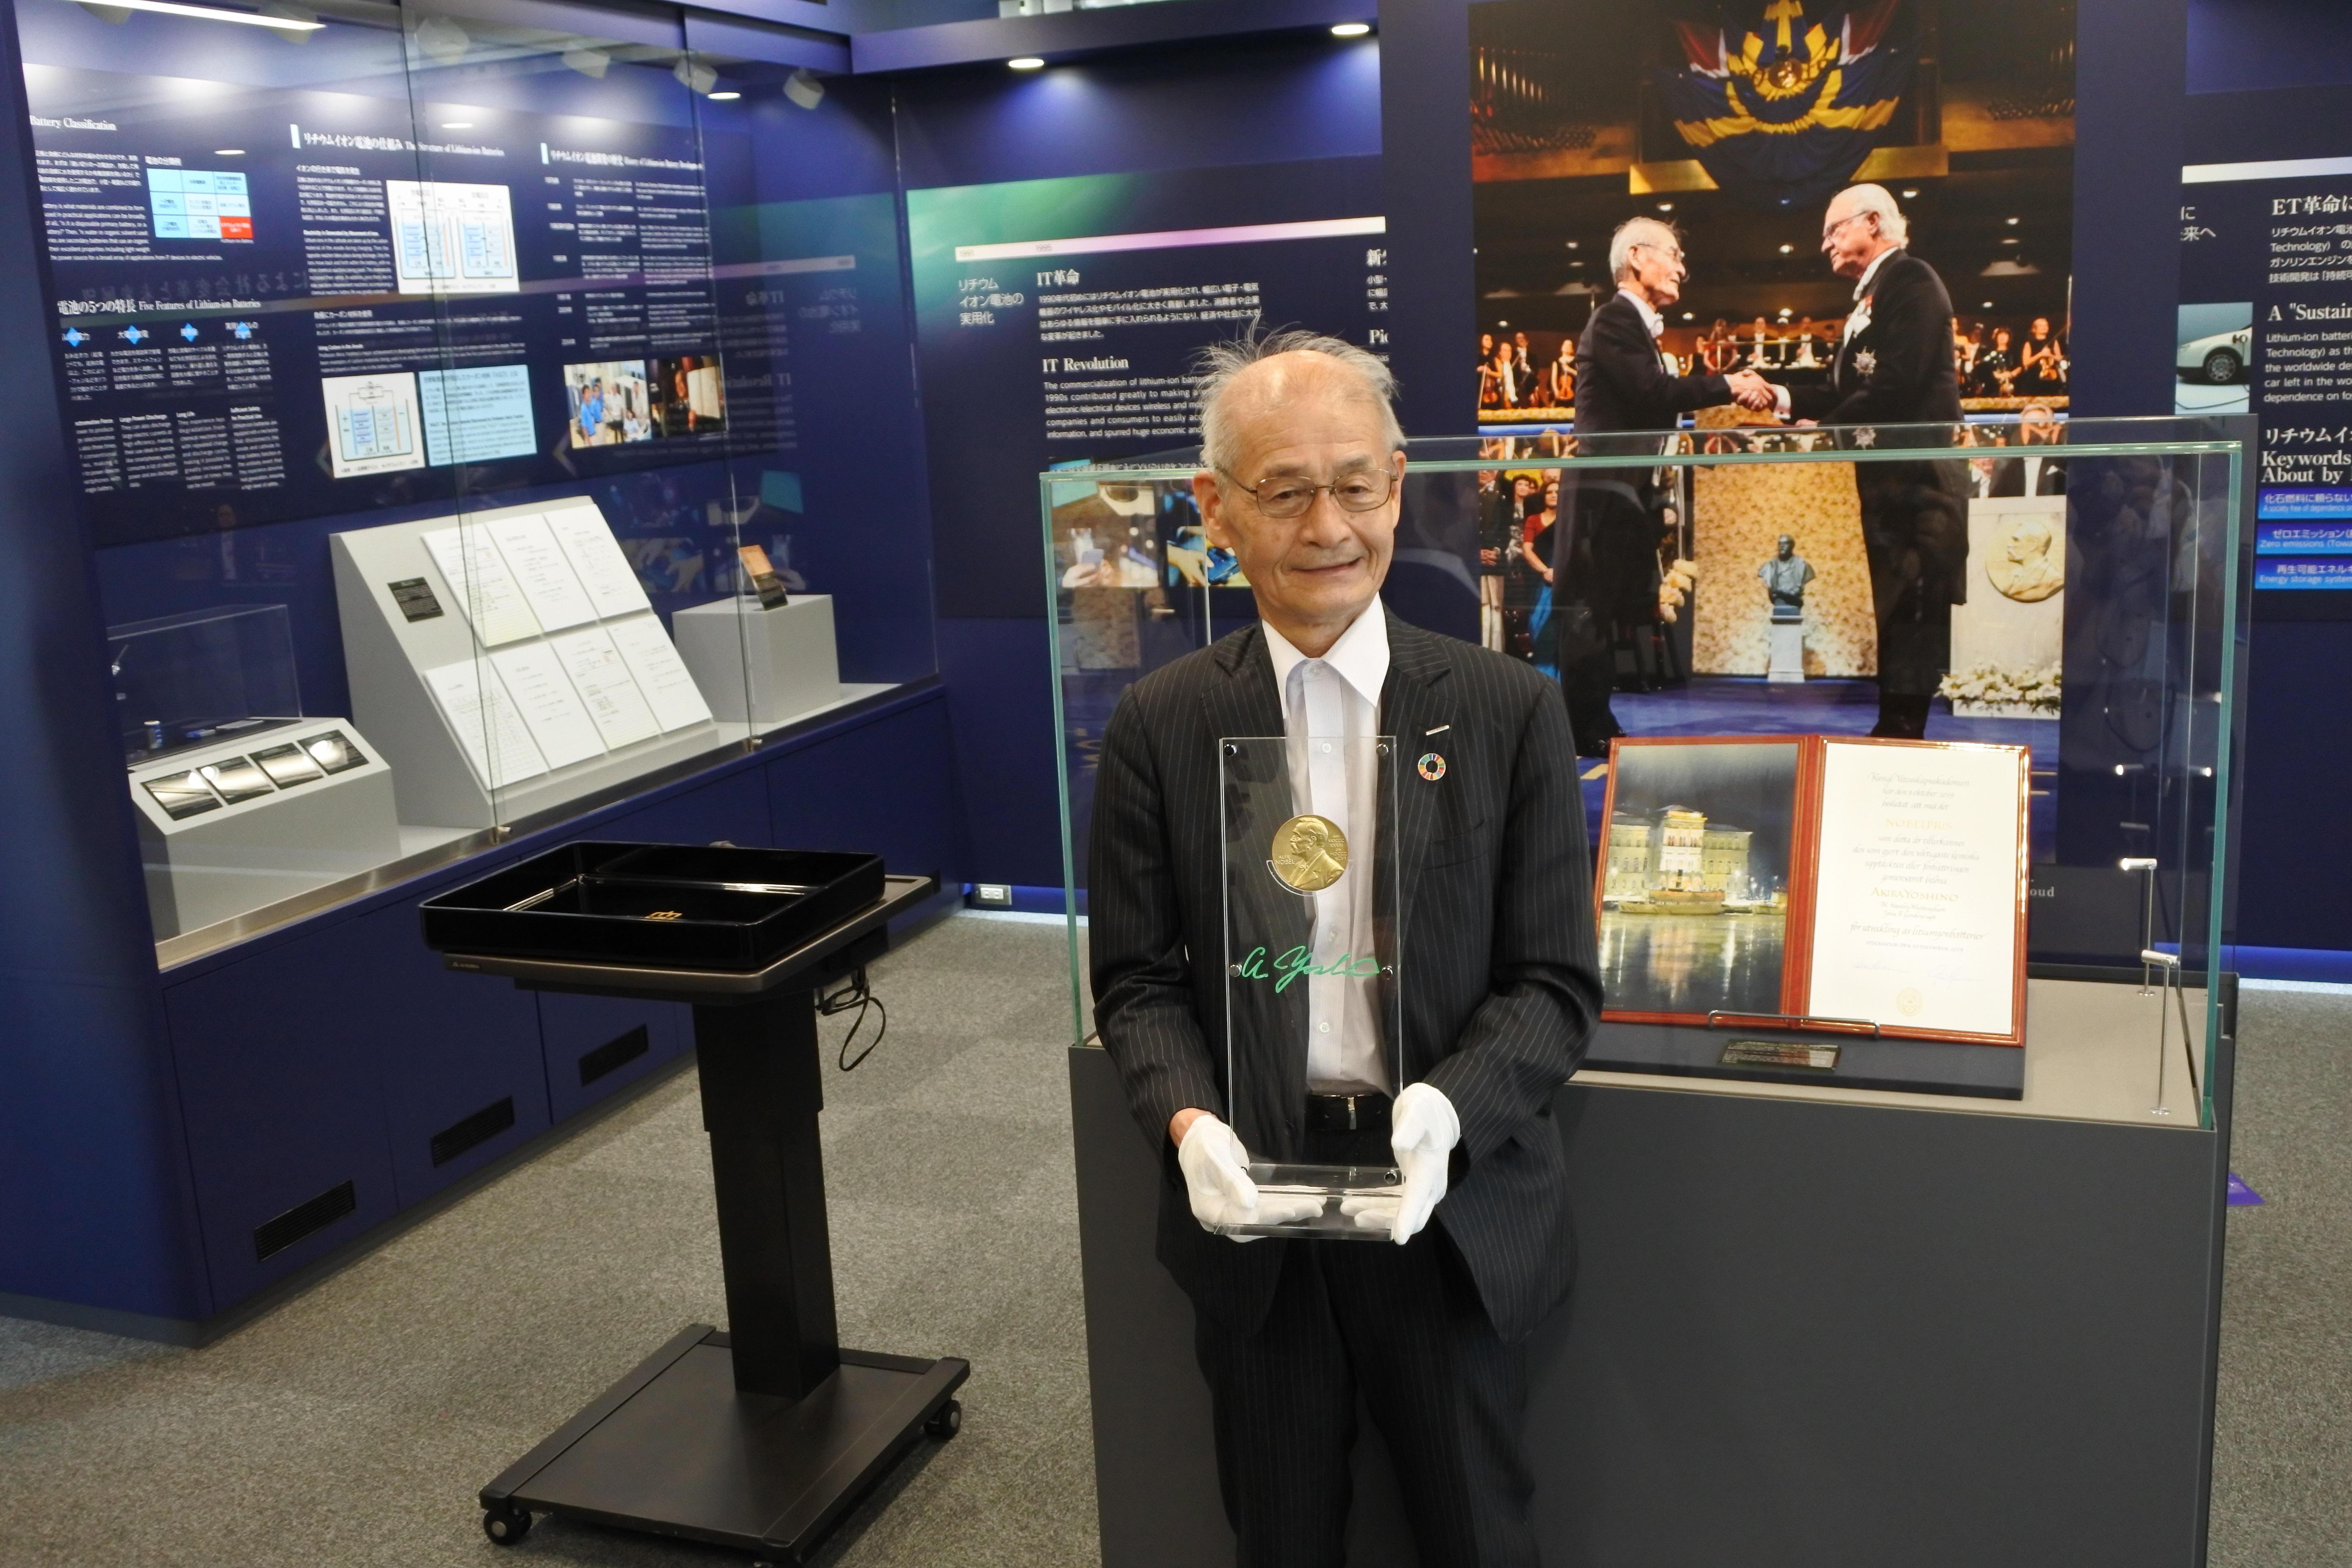 ノーベル賞のメダルを入れたケースを手にする吉野終身教授